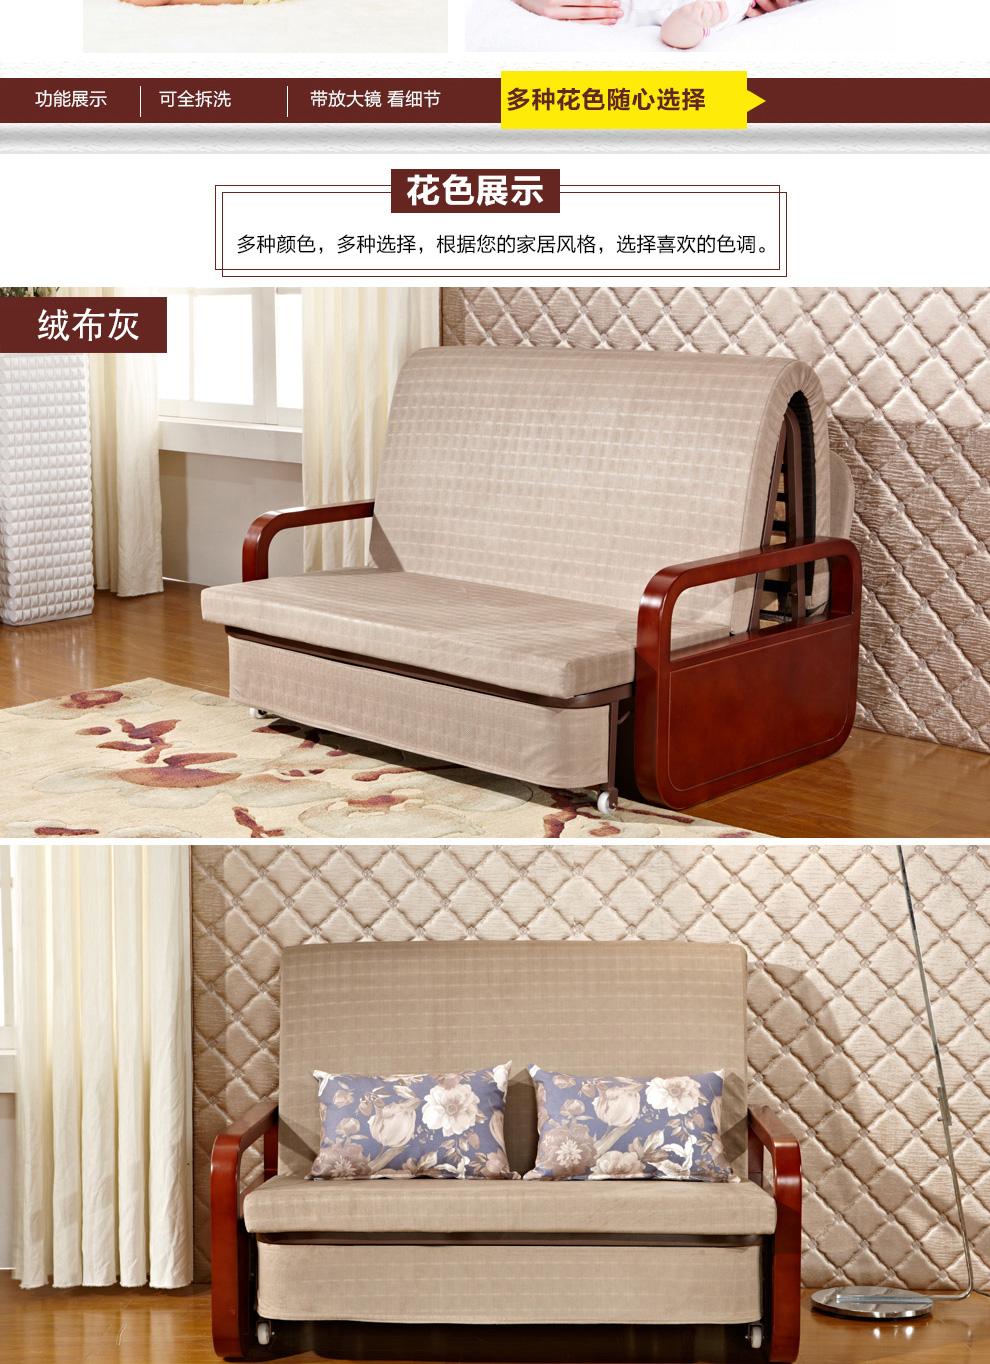 2米1.5米 多功能可折叠拆洗 实木沙发床 绒布灰(配两个抱枕) 1.2米